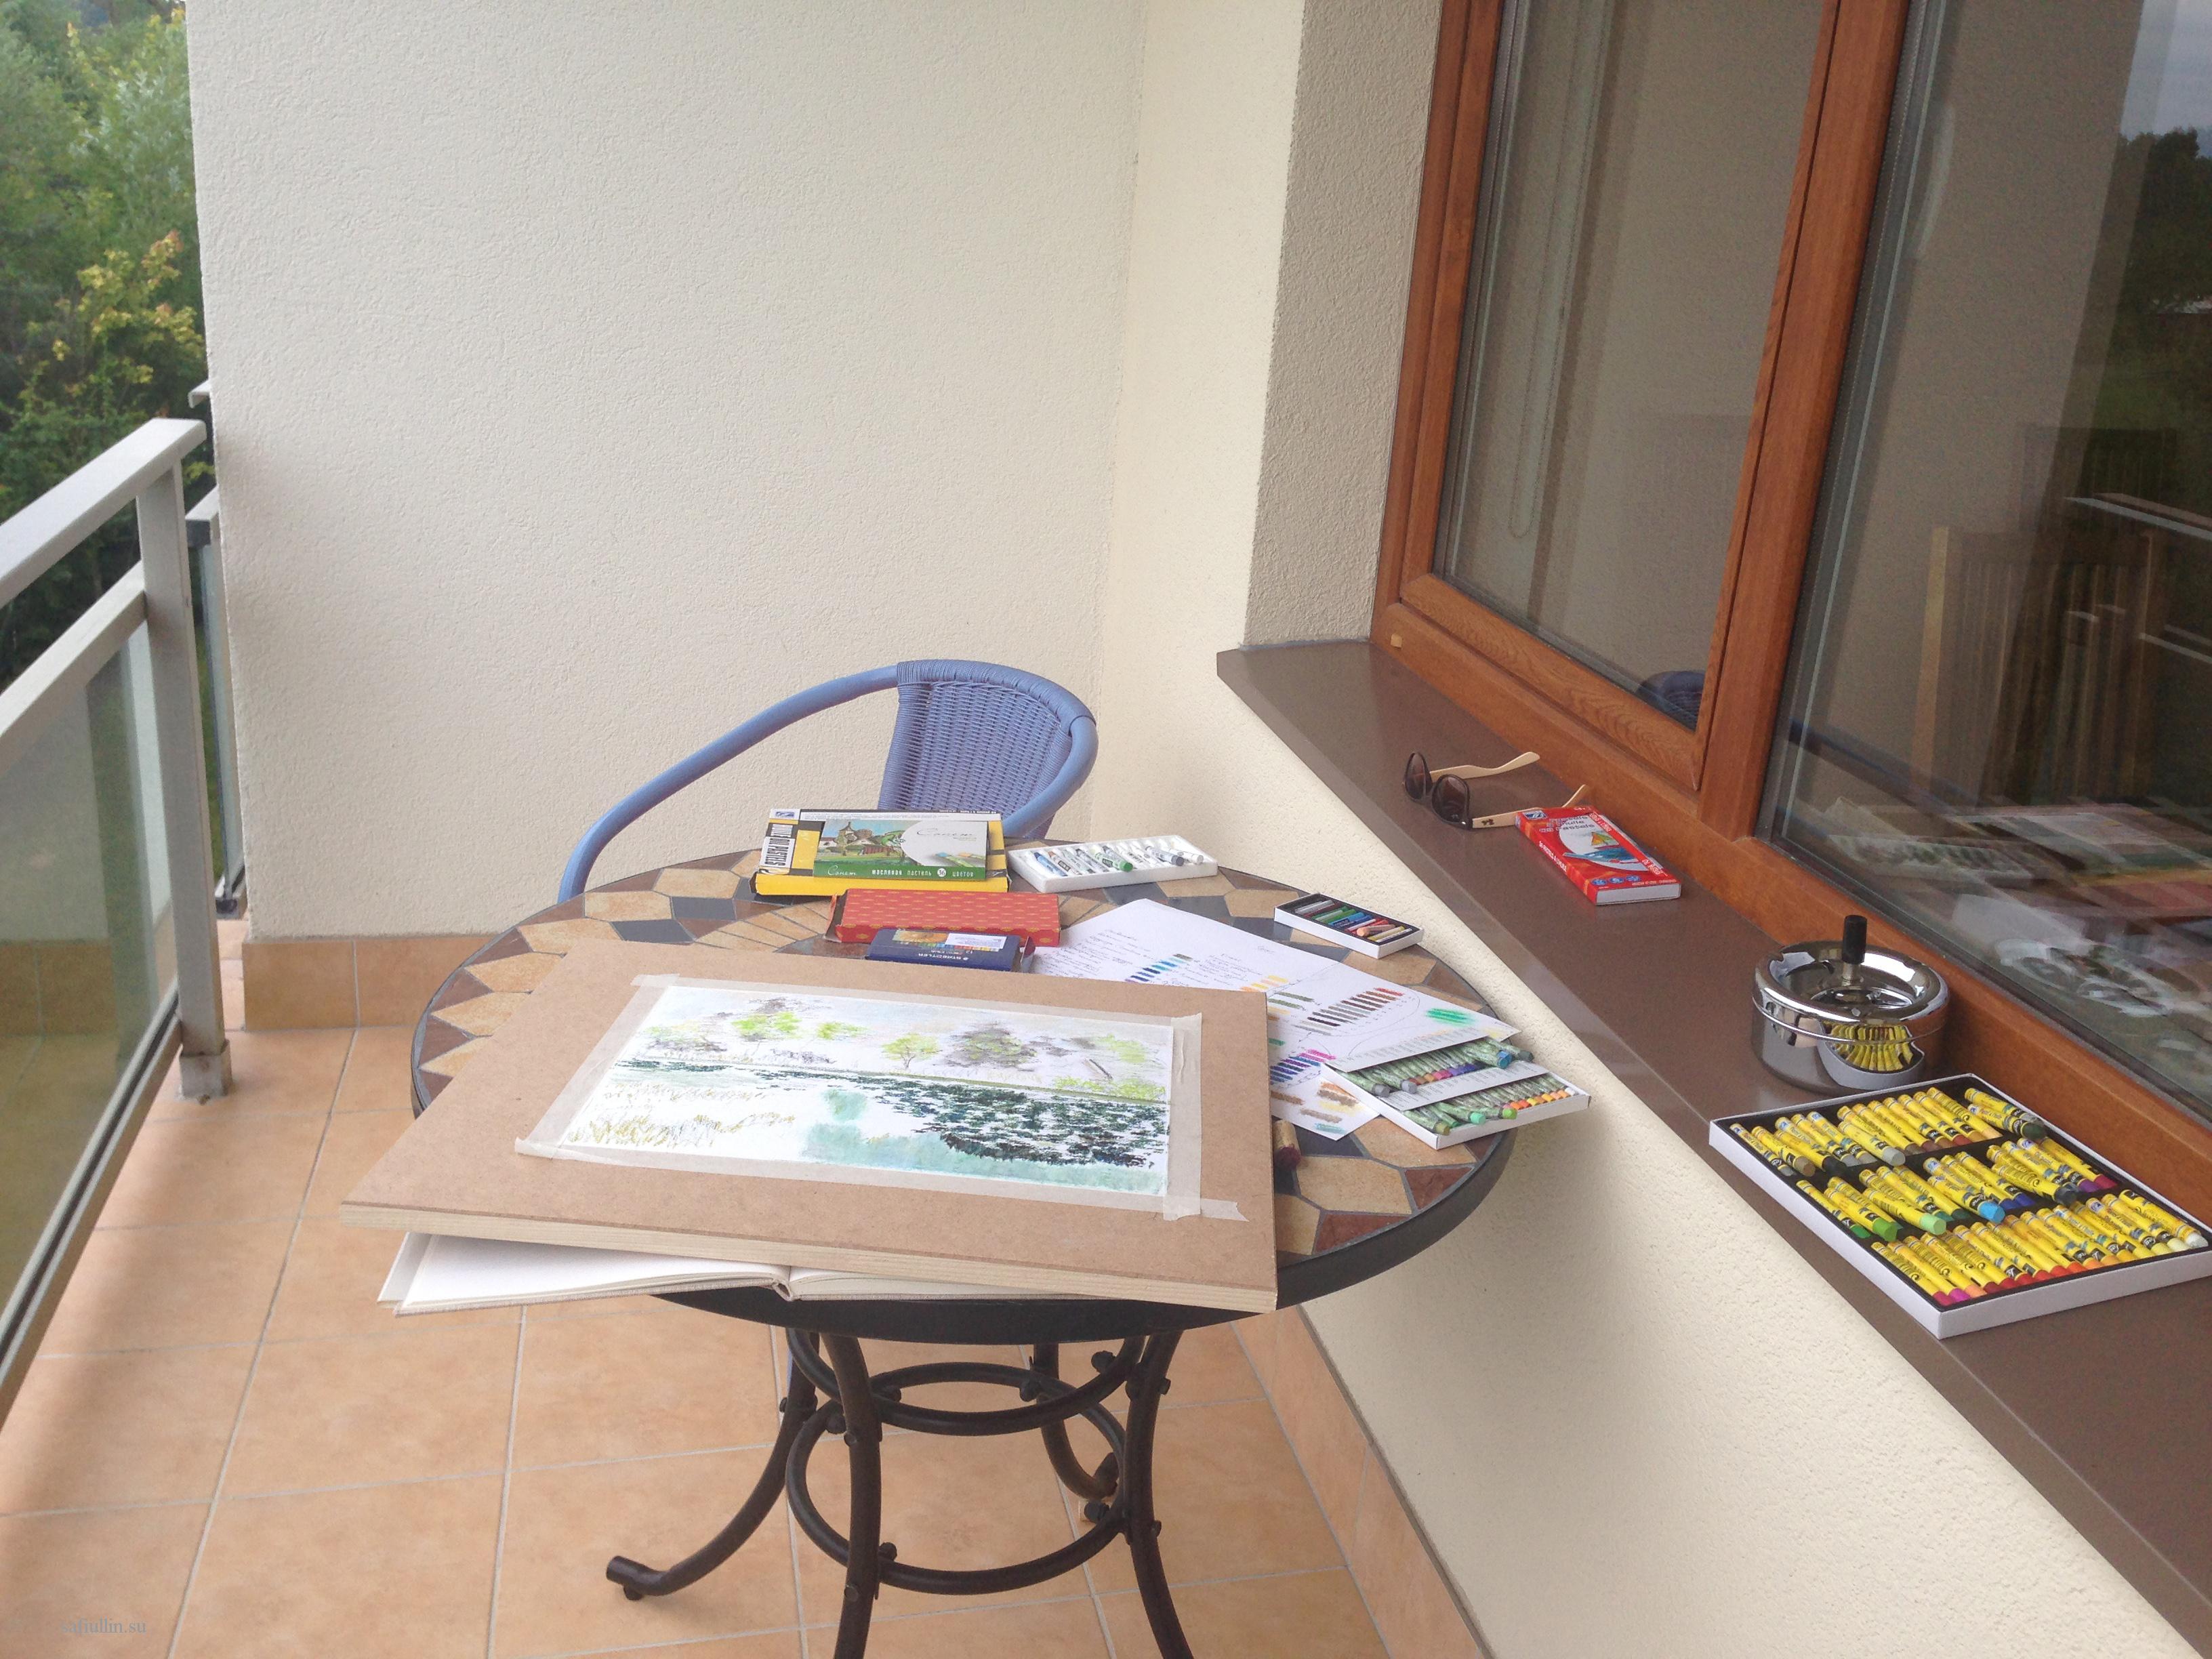 пейзажи природы альберт сафиуллин рисунок пастель лето